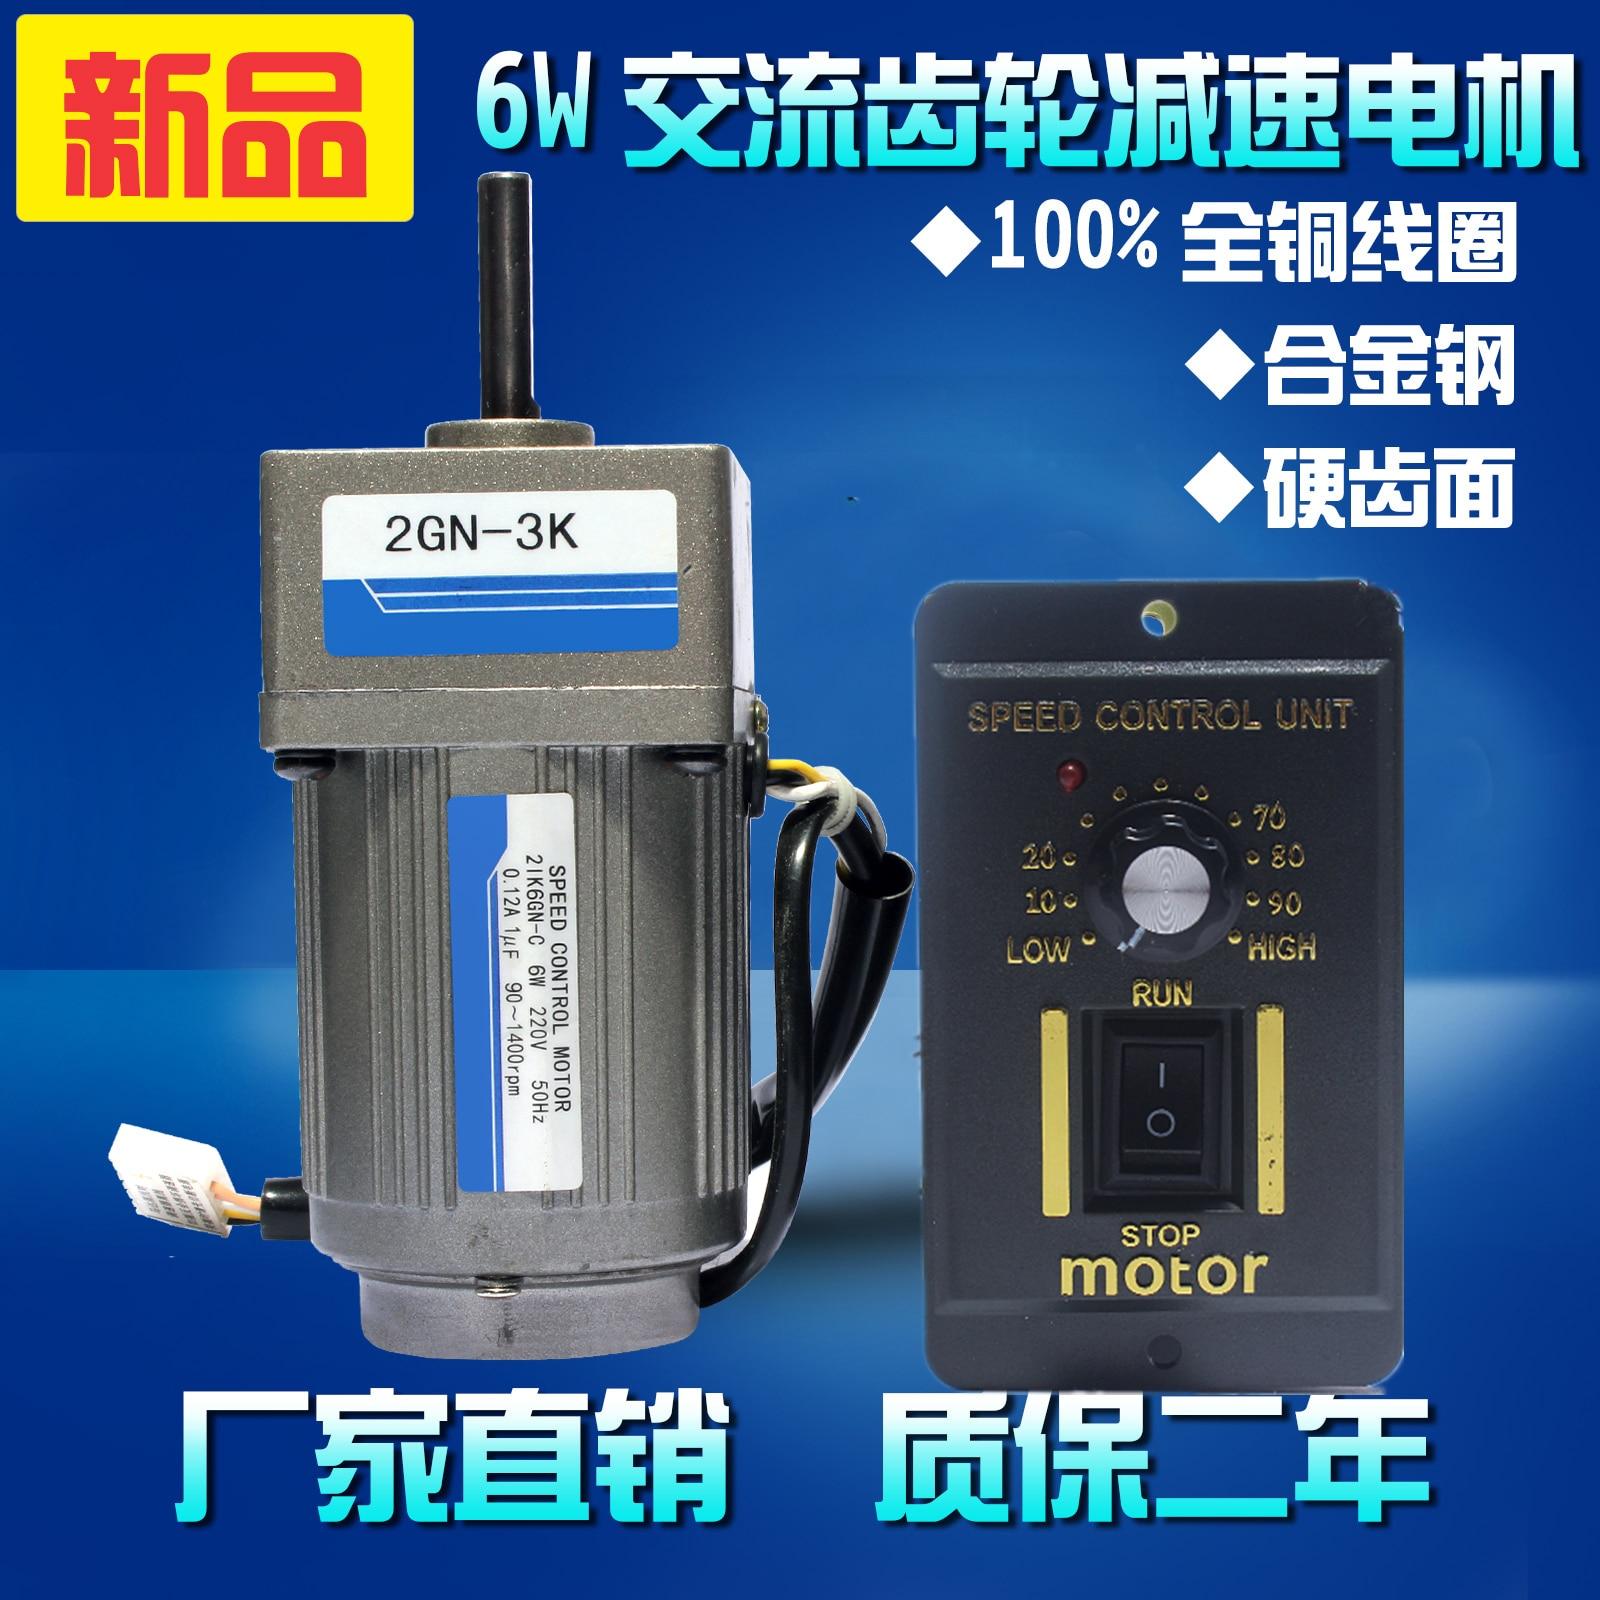 6W 220V AC gear motor 2IK6GN-C speed control speed reversing motor reversible control motor